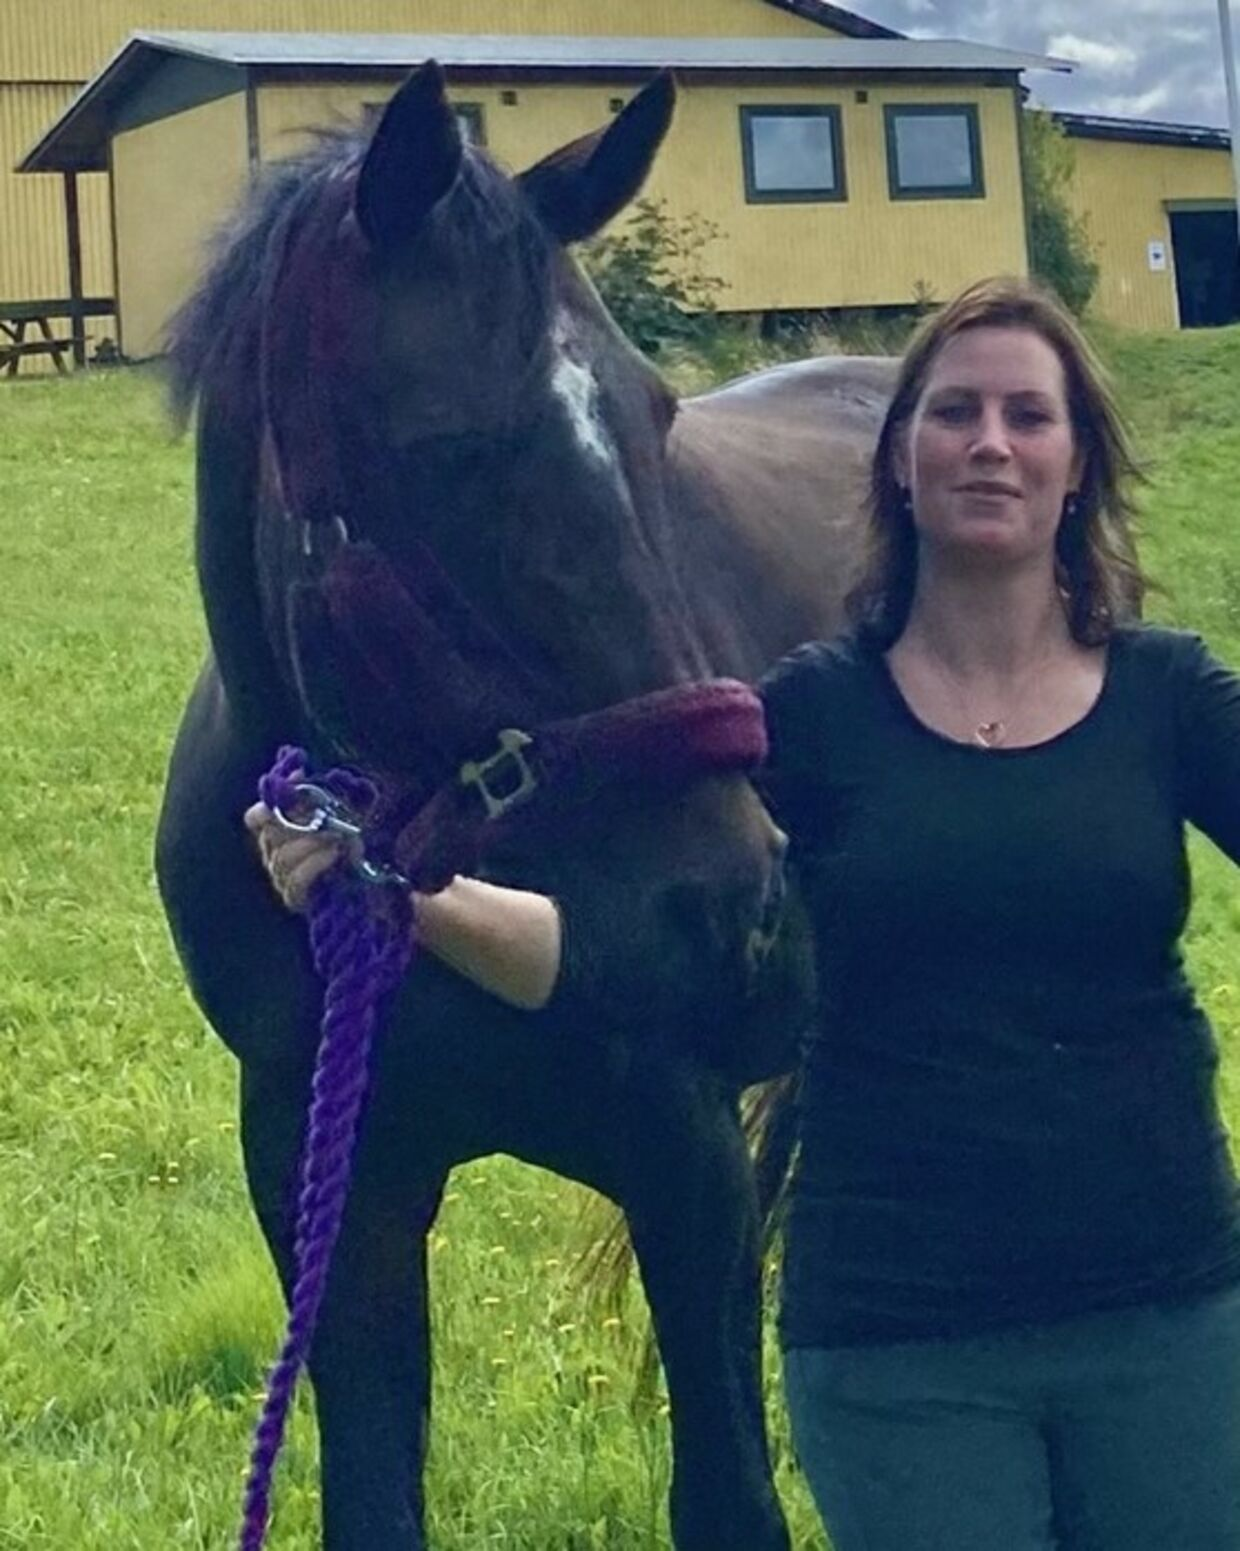 Da Mette Stentoft kom ud til sin hest morgenen efter overgrebet, var Florica urolig og ville umiddelbart ikke hilse på hende.